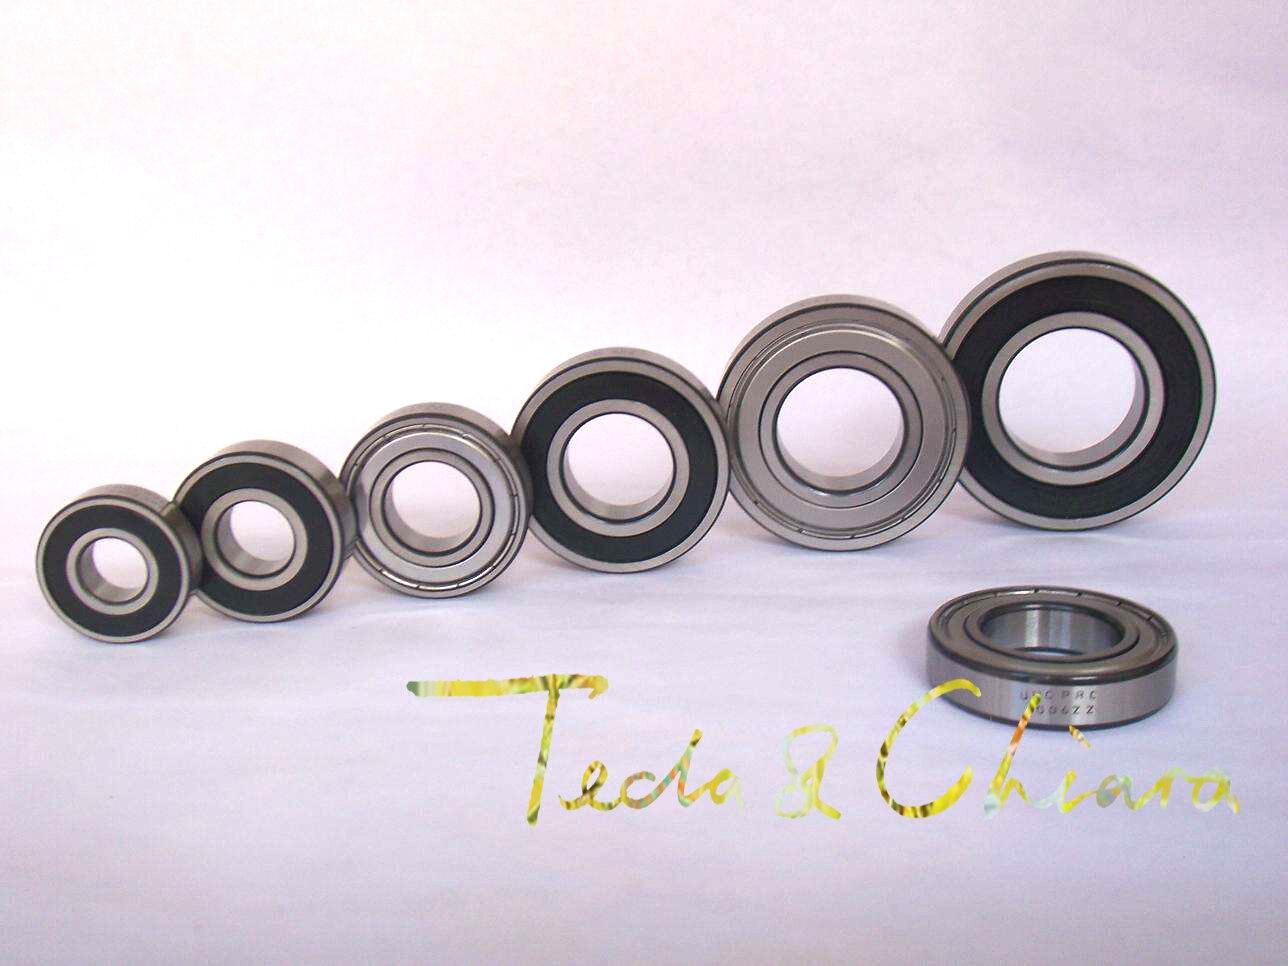 R2 R2ZZ R2RS R2-2Z R2Z R2-2RS ZZ RS RZ 2RZ Deep Groove Ball Bearings 3.175 x 9.525 x 3.967mm High Quality 1/8 x 3/8 x 5/32 gcr15 6326 zz or 6326 2rs 130x280x58mm high precision deep groove ball bearings abec 1 p0